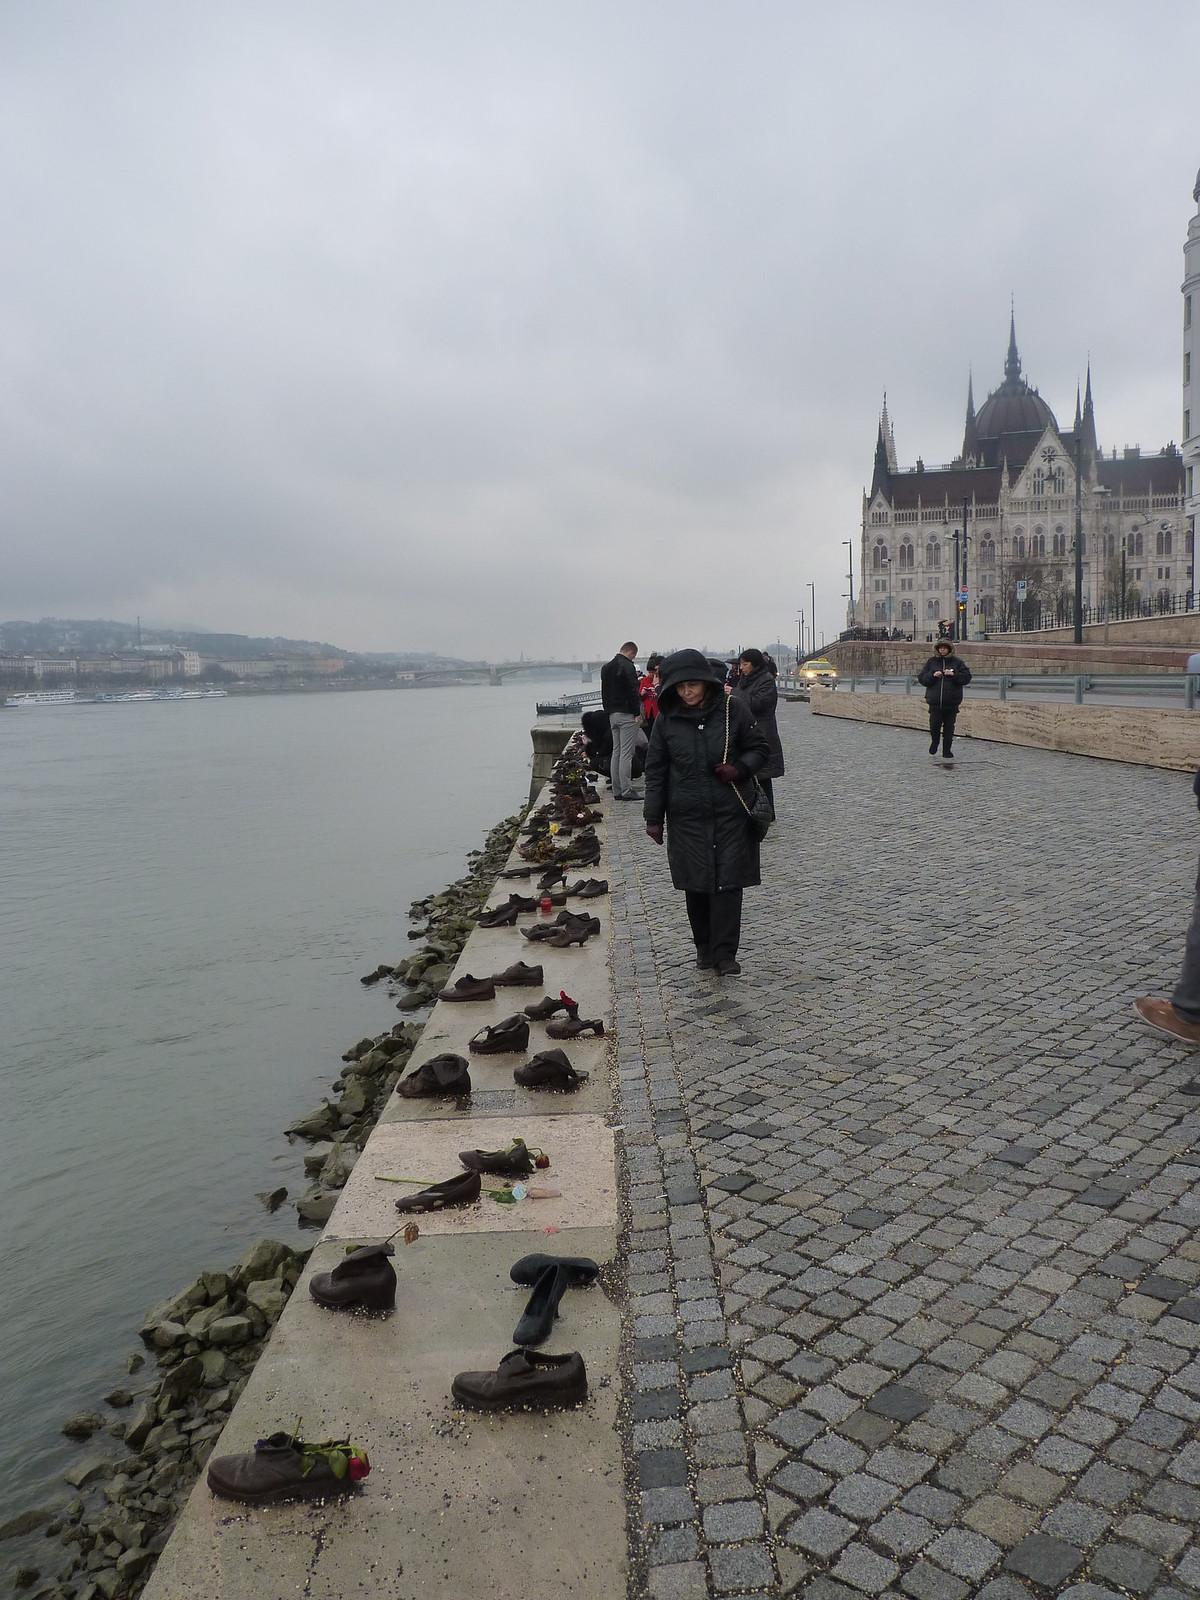 Mahnmal, hier wurden im zweiten Weltkrieg Juden in die Donau gestossen.